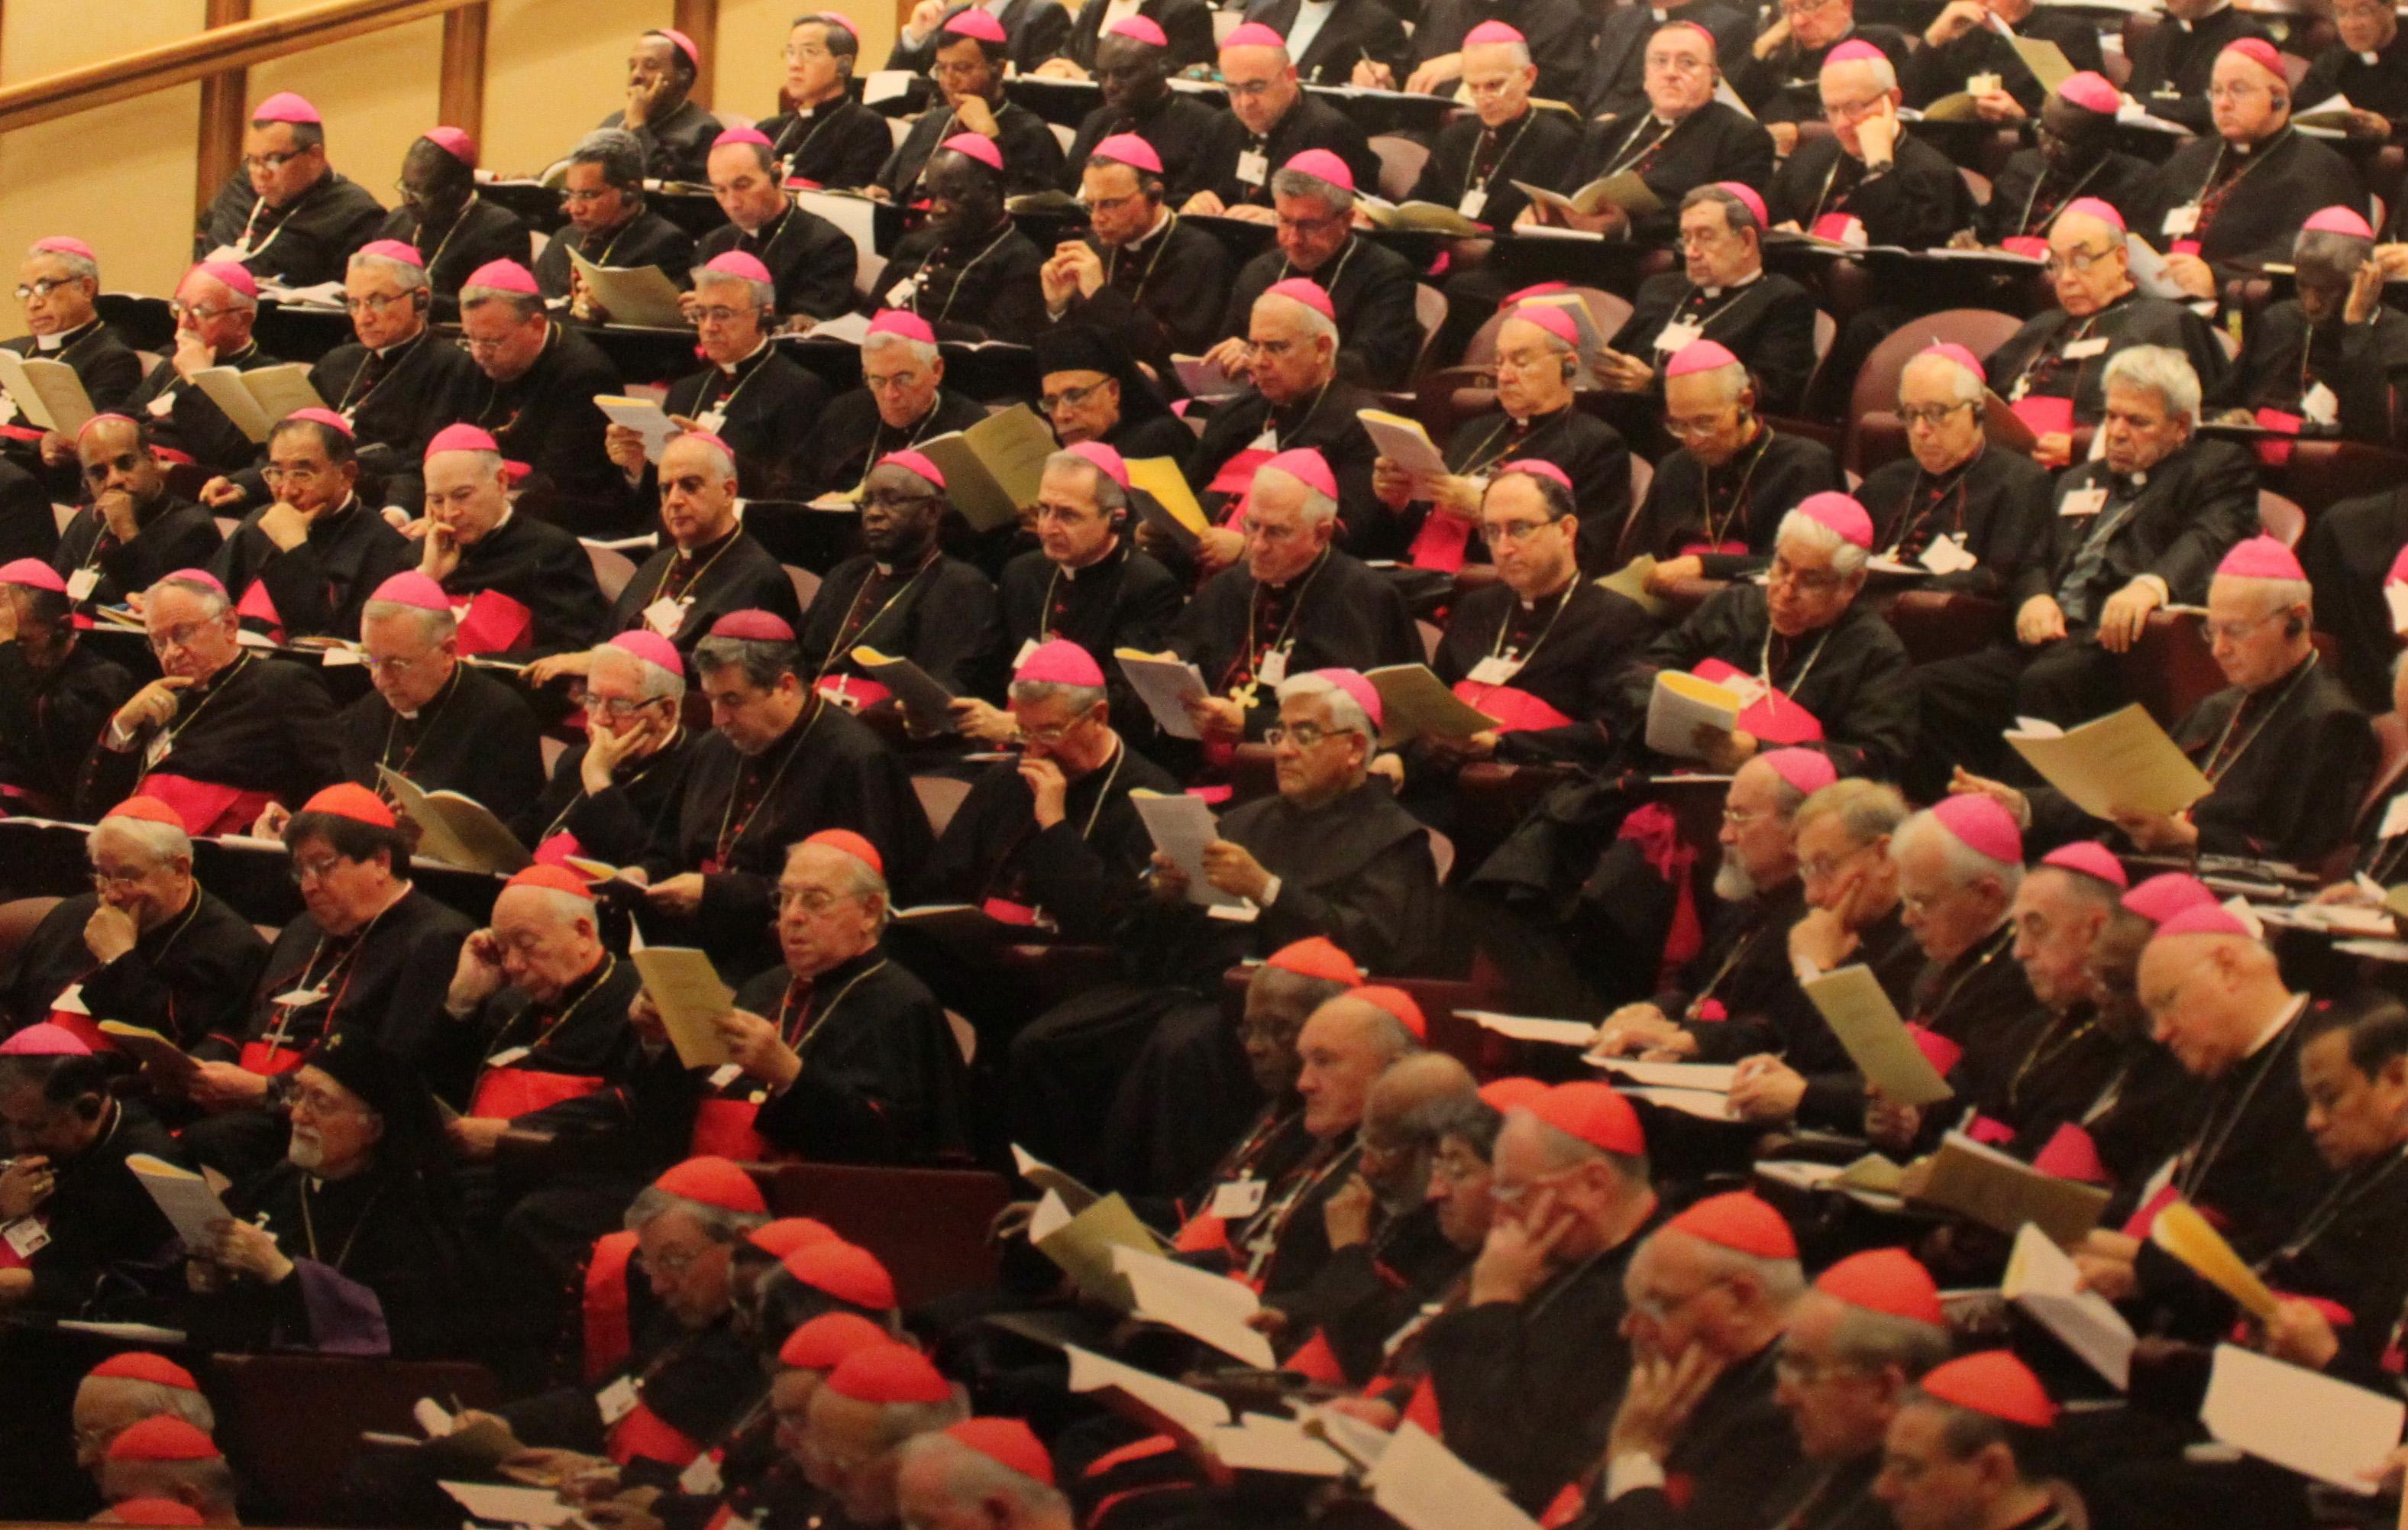 El Vaticano: Se da inicio al Sínodo de los Obispos con presencia del Arzobispo de Trujillo